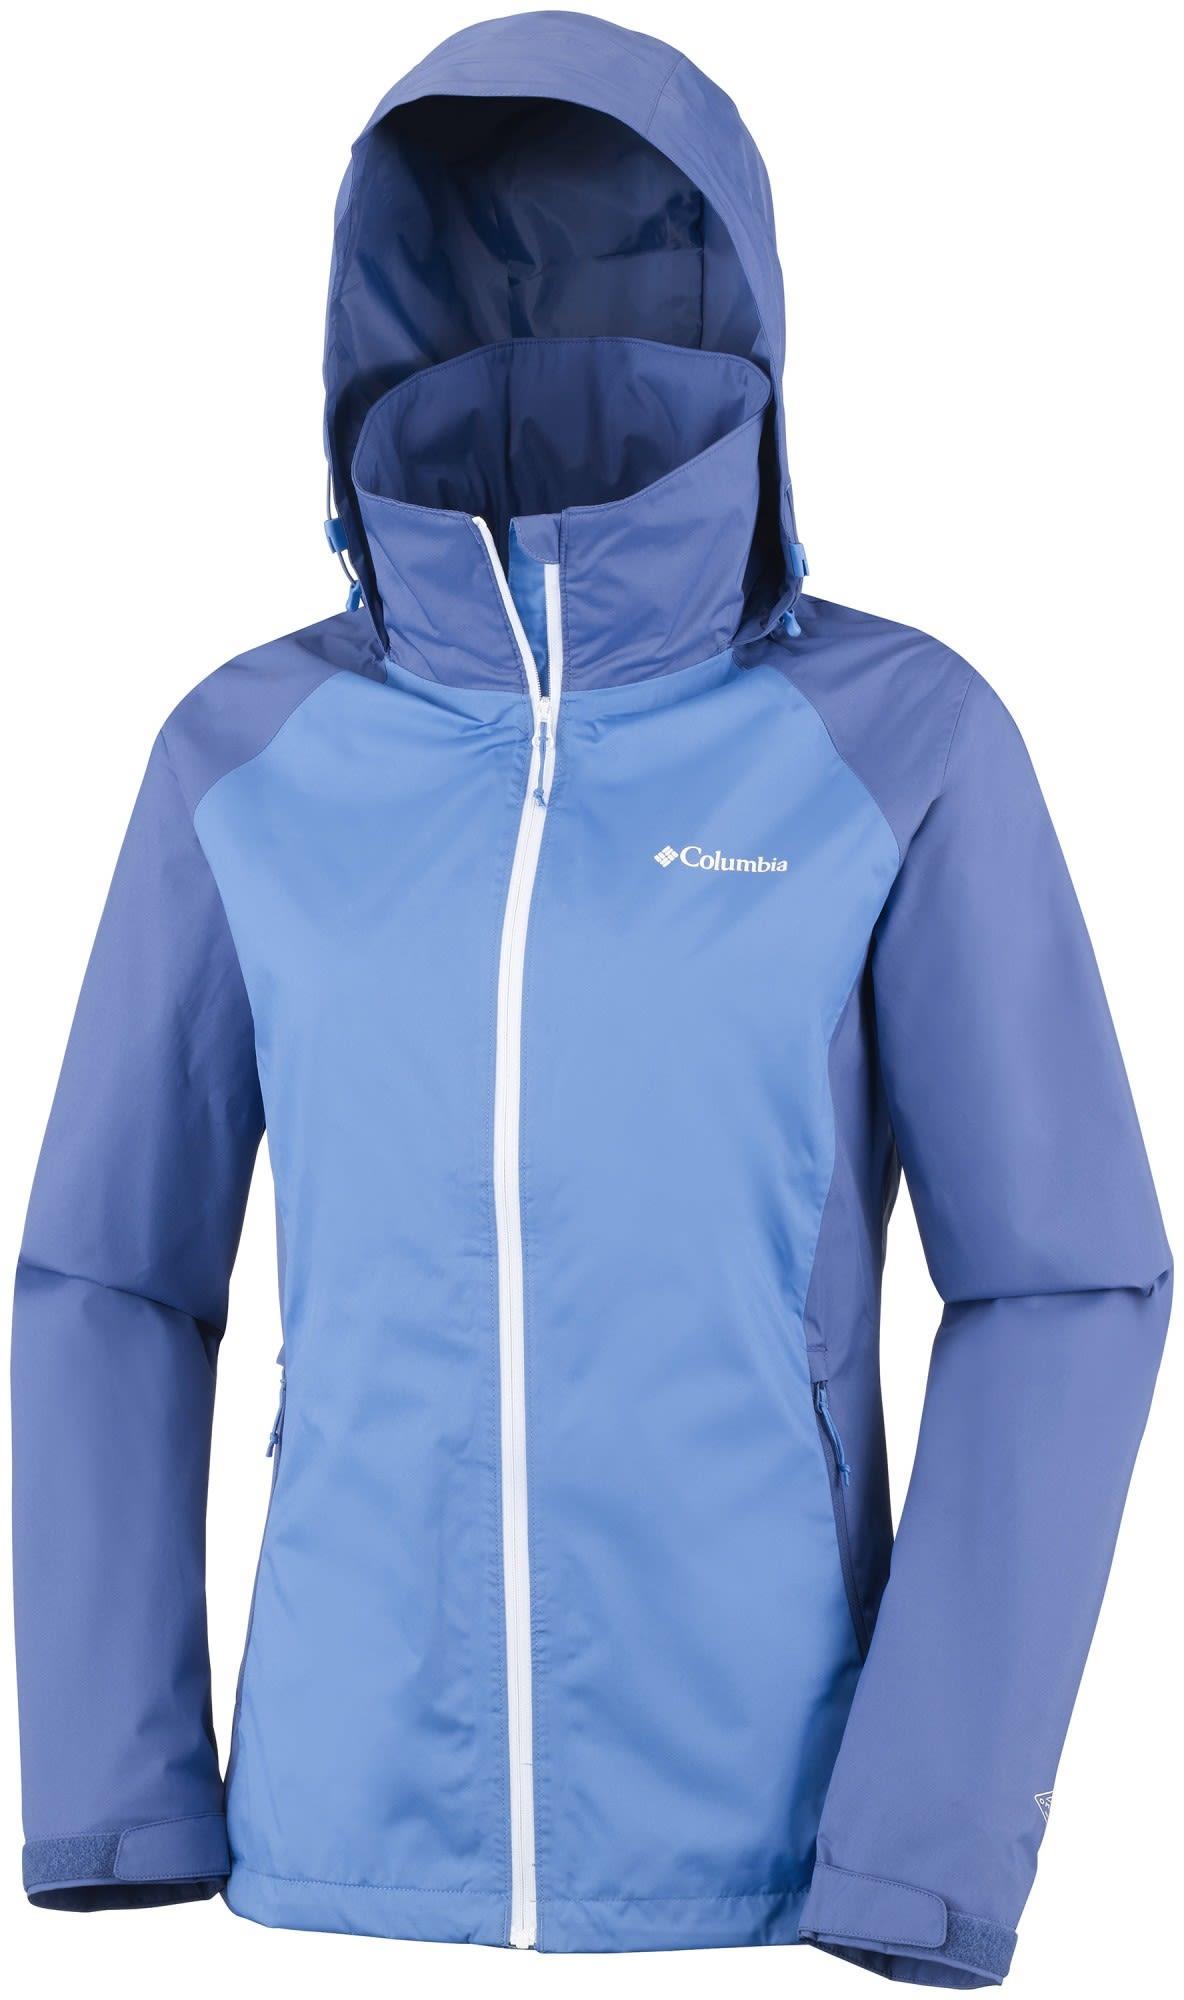 Columbia Tapanga Trail Jacket Blau, Female Freizeitjacke, XS